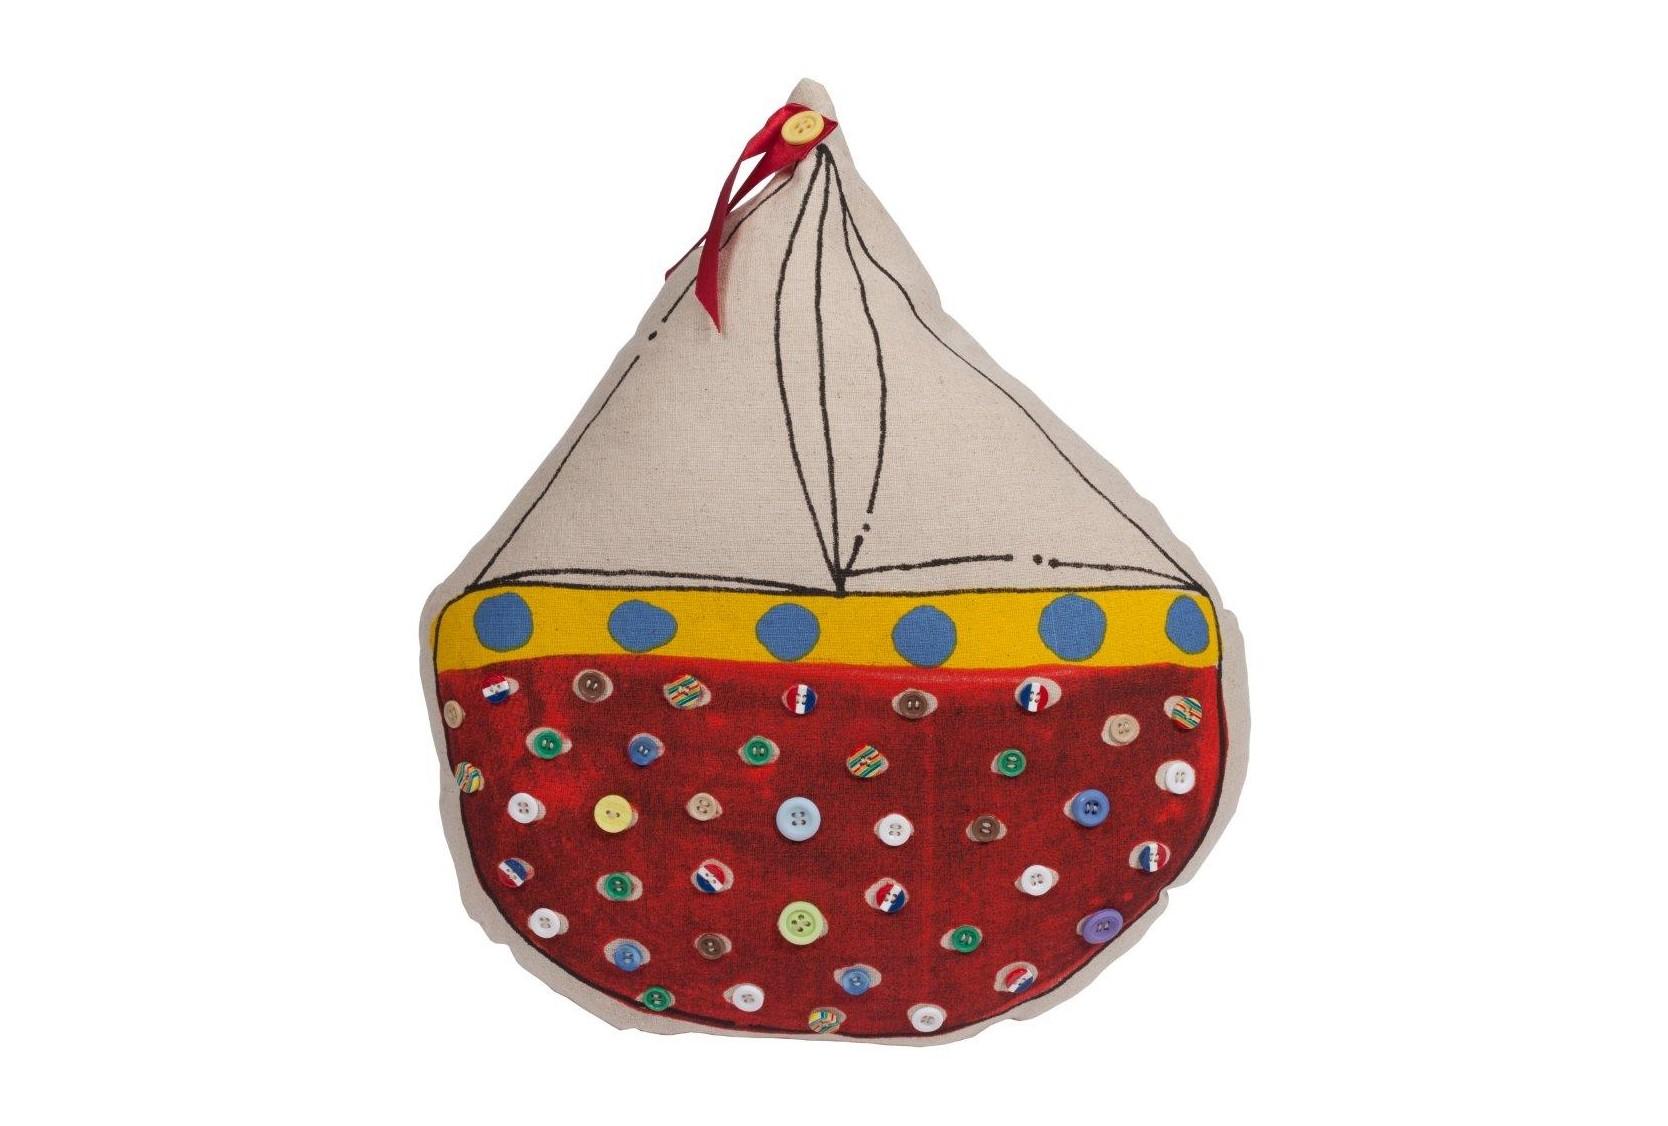 Декоративная подушка с парусником SailboatФигурные подушки<br>Декоративная разноцветная подушка Sailboat — небольшая, но важная деталь интерьера в стиле прованс. Благодаря яркой расцветке и оригинальному исполнению в виде парусника, аксессуар привнесет в оформление дома цвета и яркости, сделает более выразительными пастельные оттенки стен, полов и светлой мебели. Несмотря на кажущуюся простоту, подушка Sailboat представляет собой изысканный предмет декора, способный добавить шарма и роскоши помещению. Подушка также будет отличным сувениром и оригинальным подарком.<br><br>Material: Хлопок<br>Width см: 31<br>Depth см: 7<br>Height см: 36